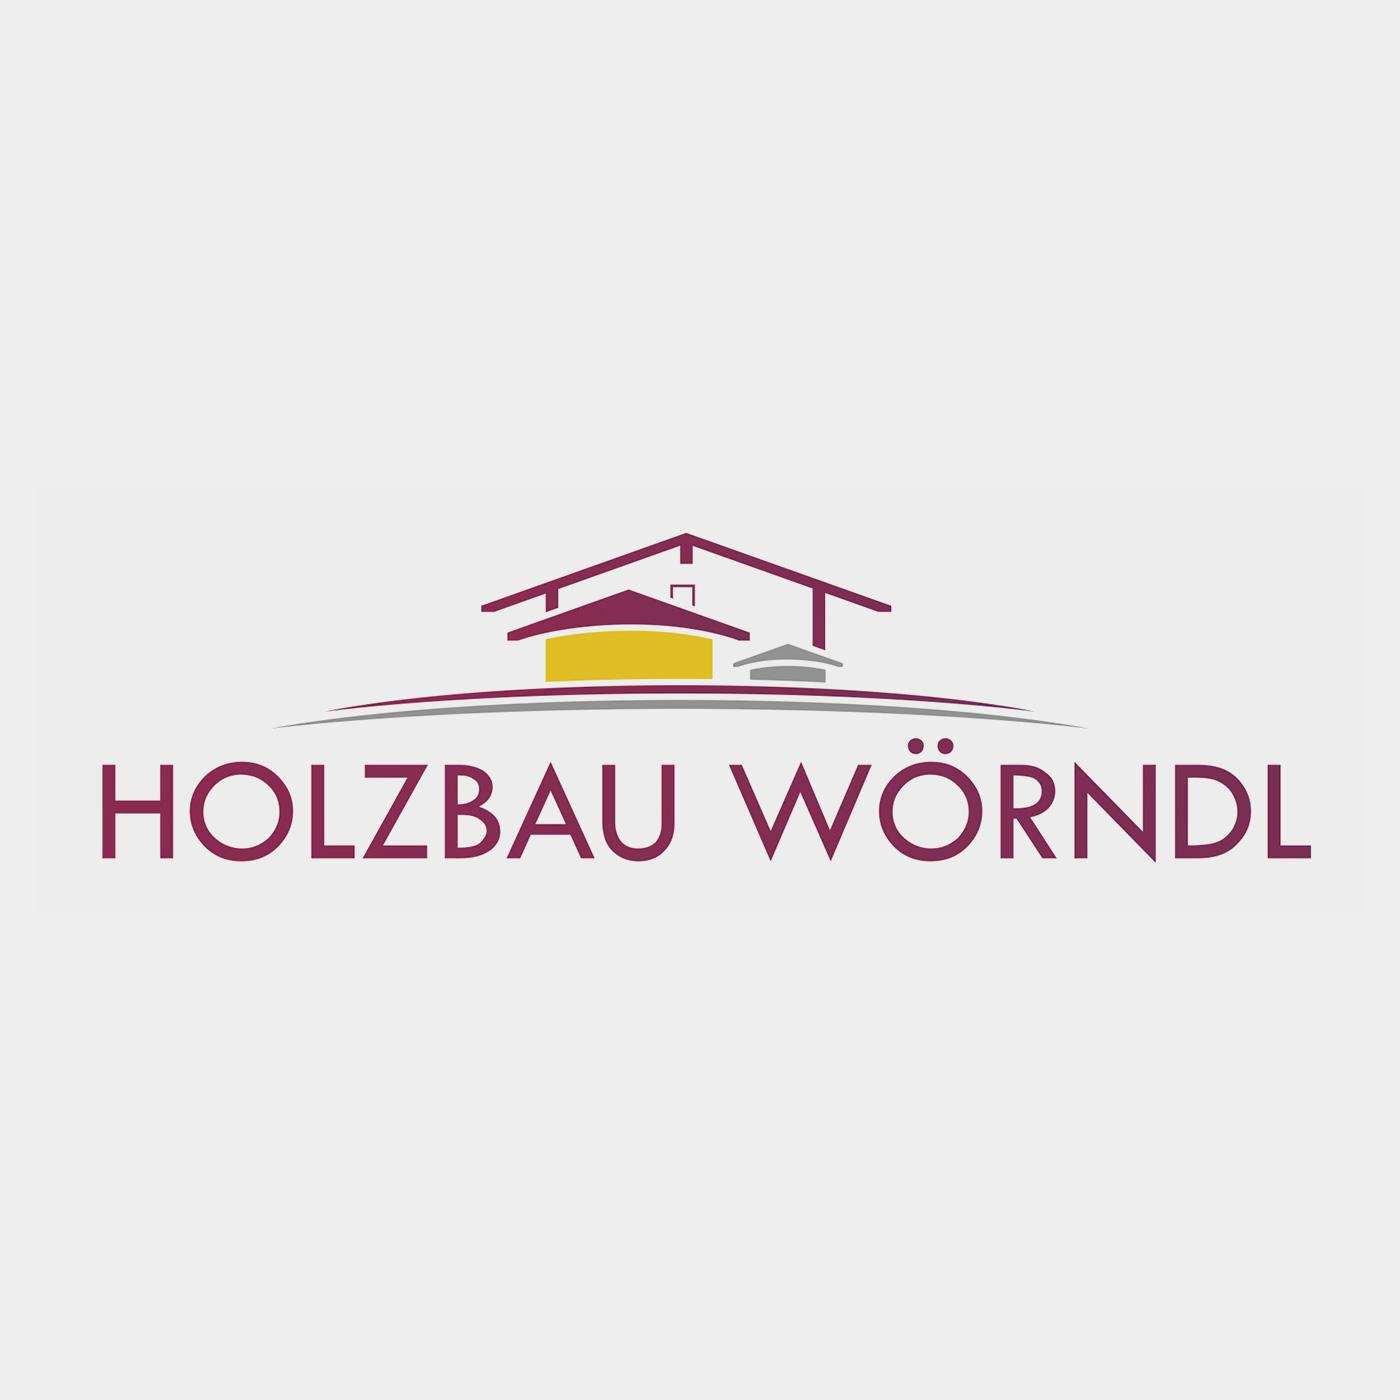 Holzbau Wörndl